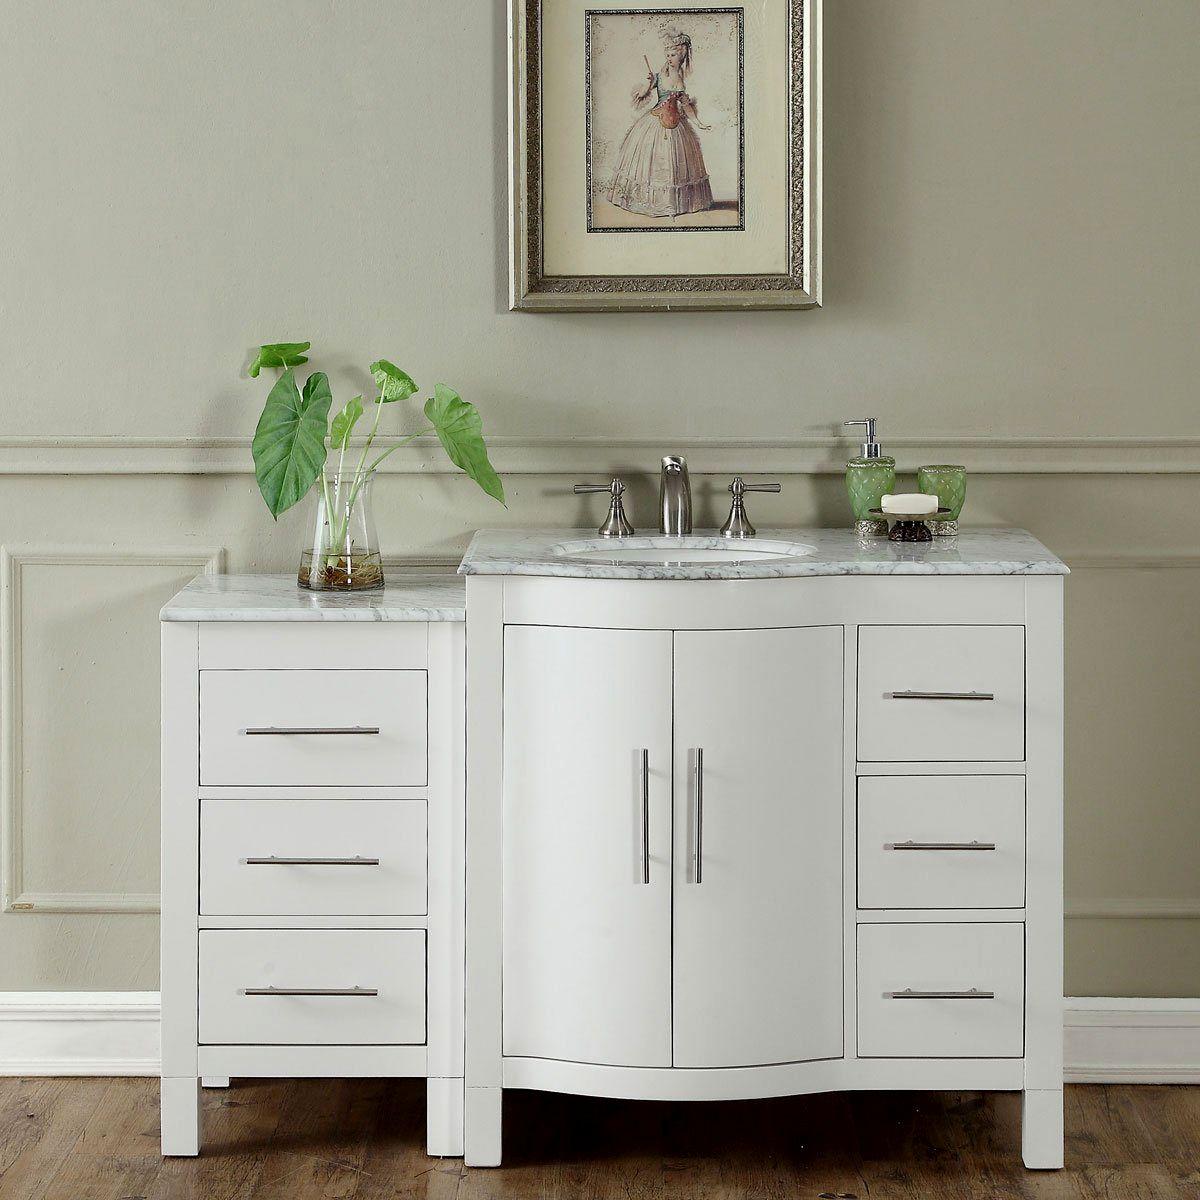 contemporary bathroom vanity 36 inch inspiration-Top Bathroom Vanity 36 Inch Gallery